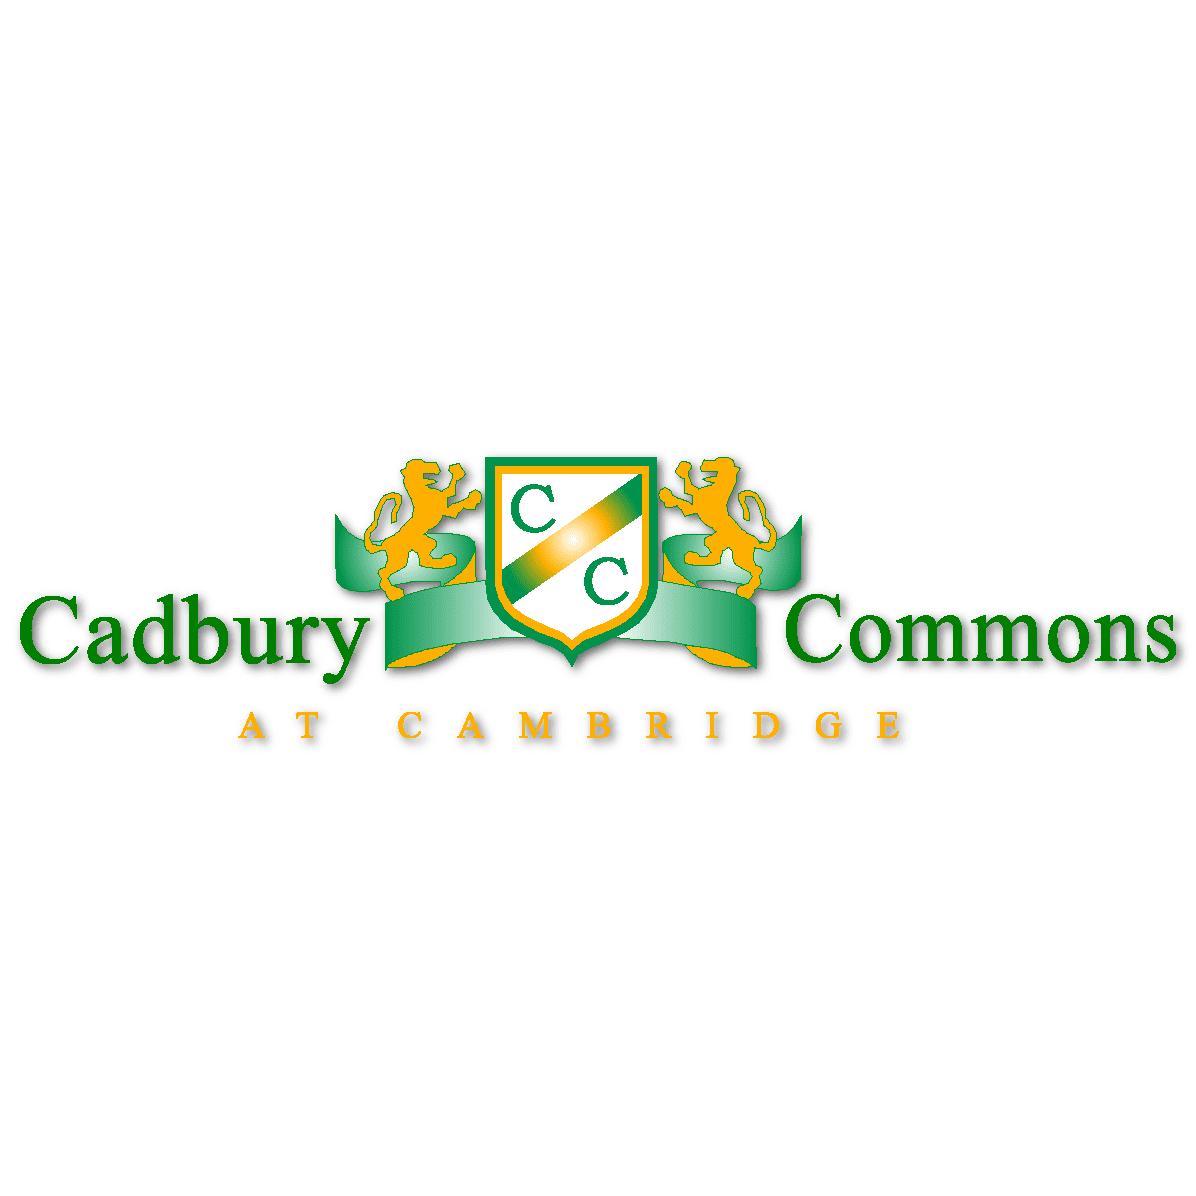 Cadbury Commons